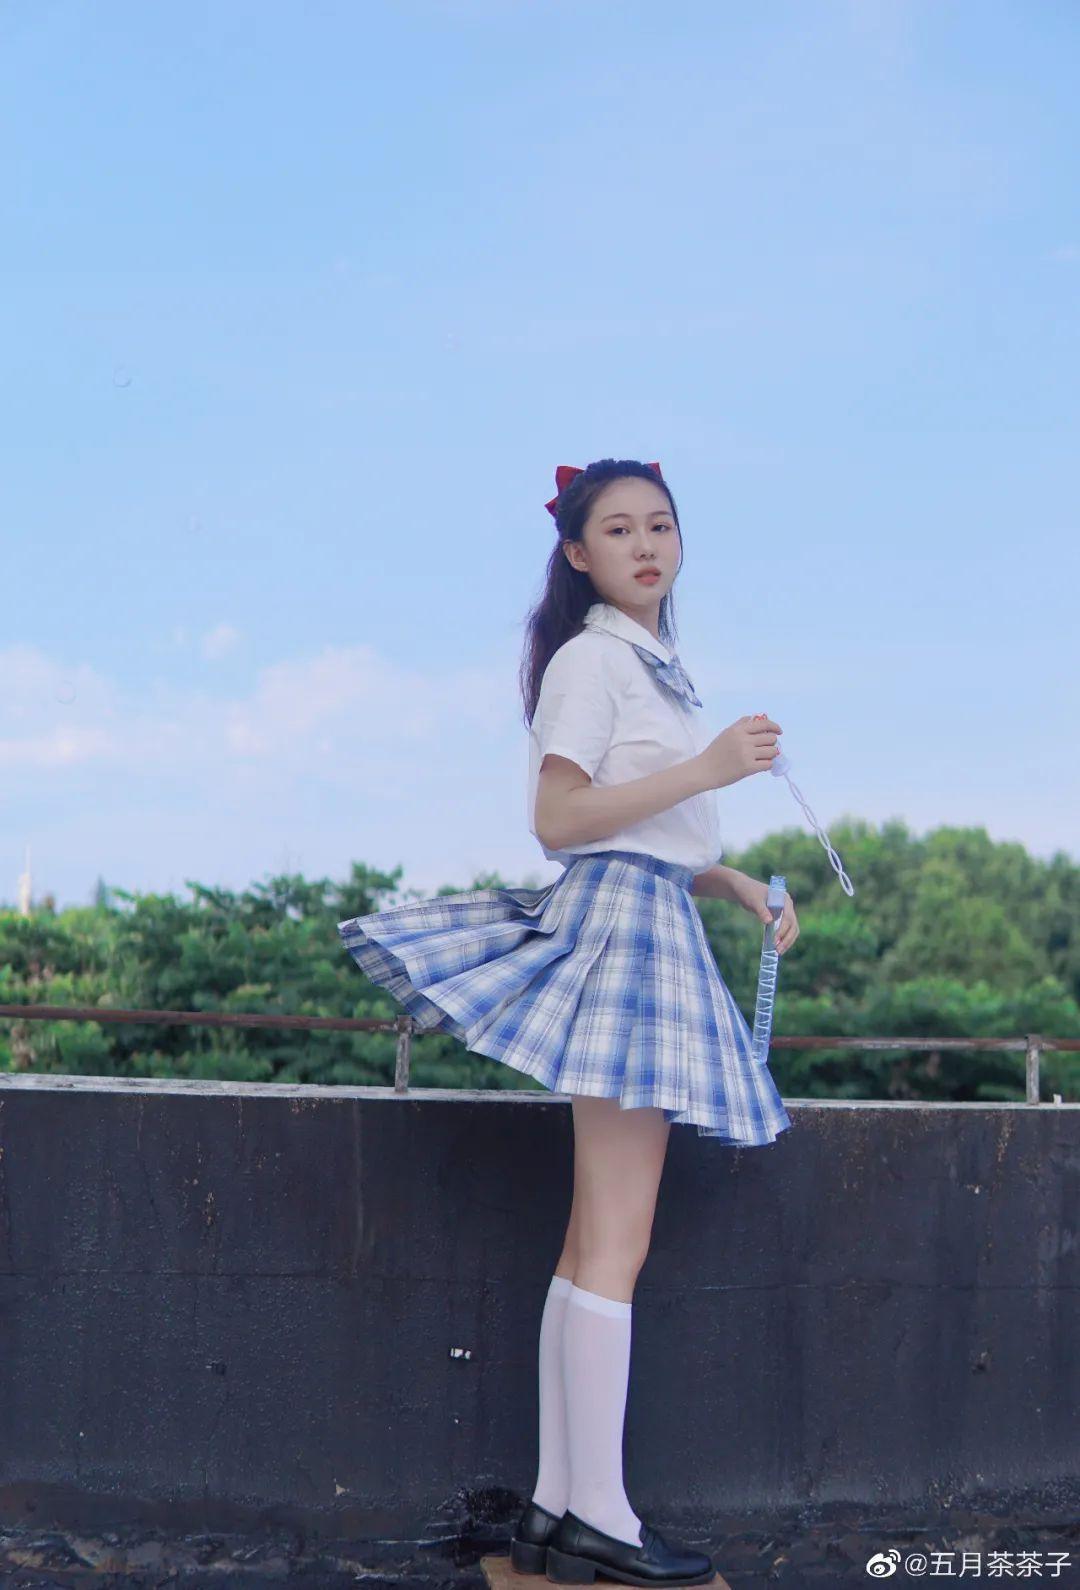 妹子摄影 – JK制服白丝学妹_图片 No.6